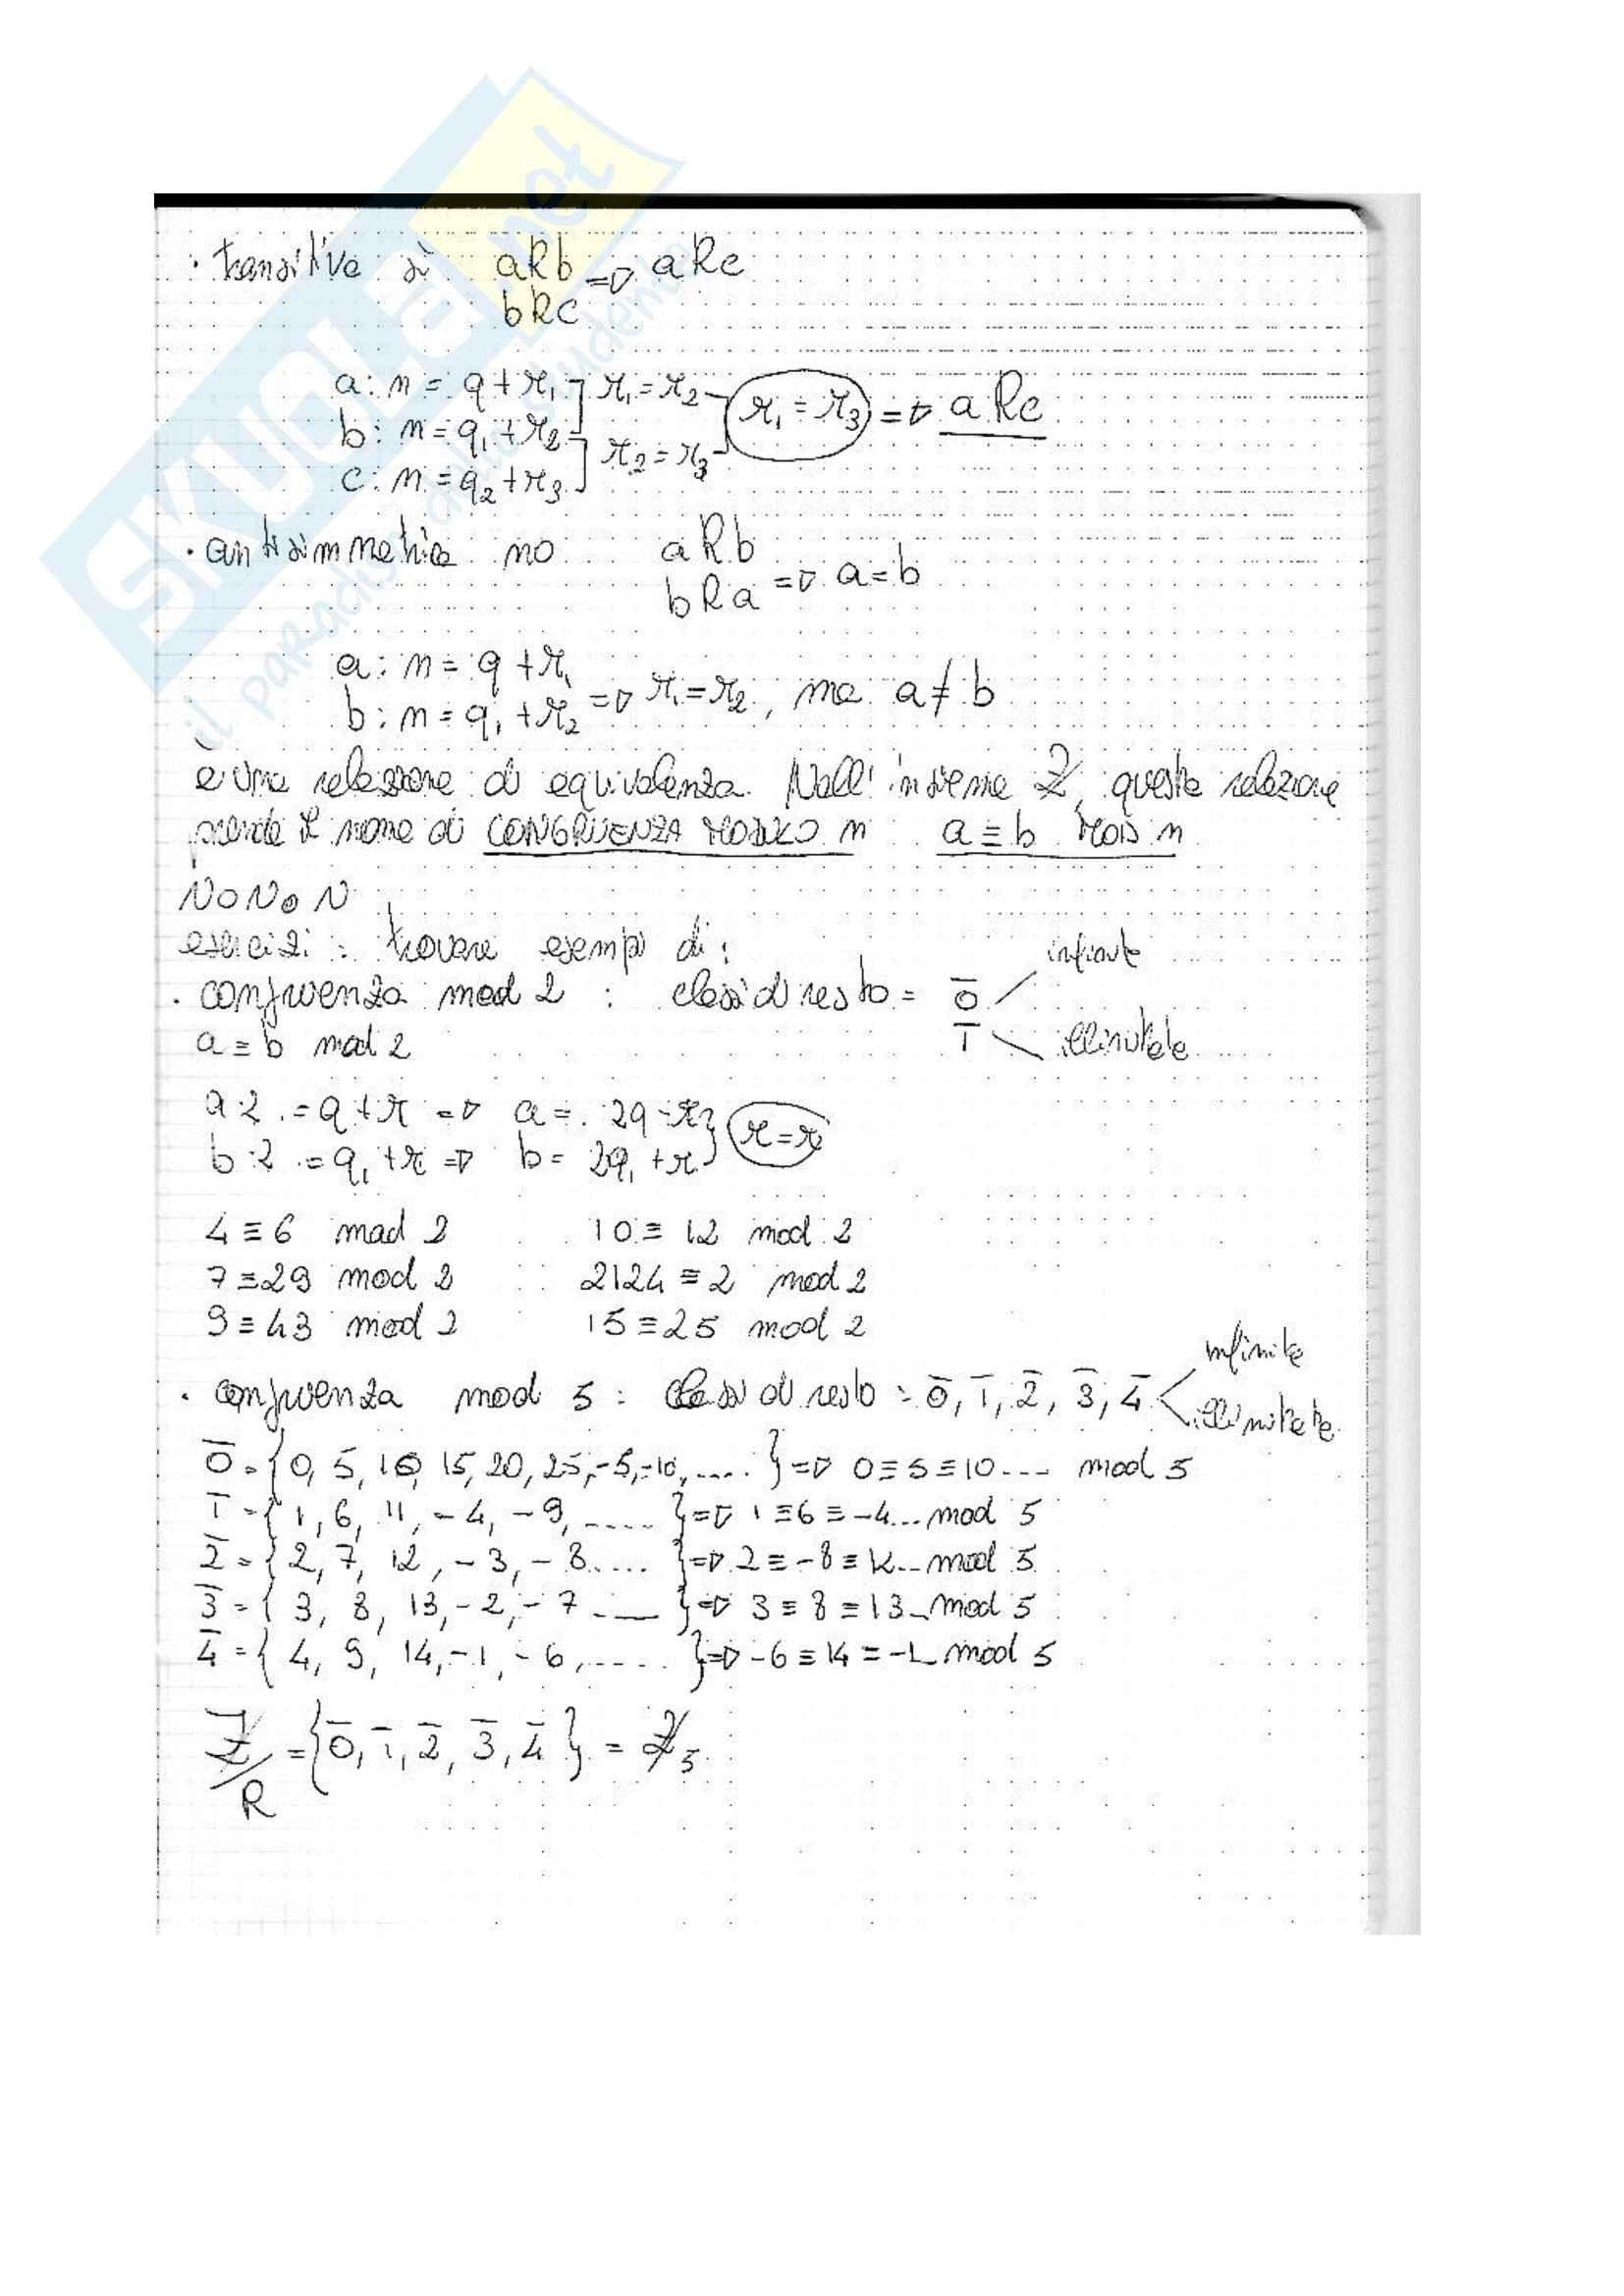 Istituzioni di matematica - Appunti